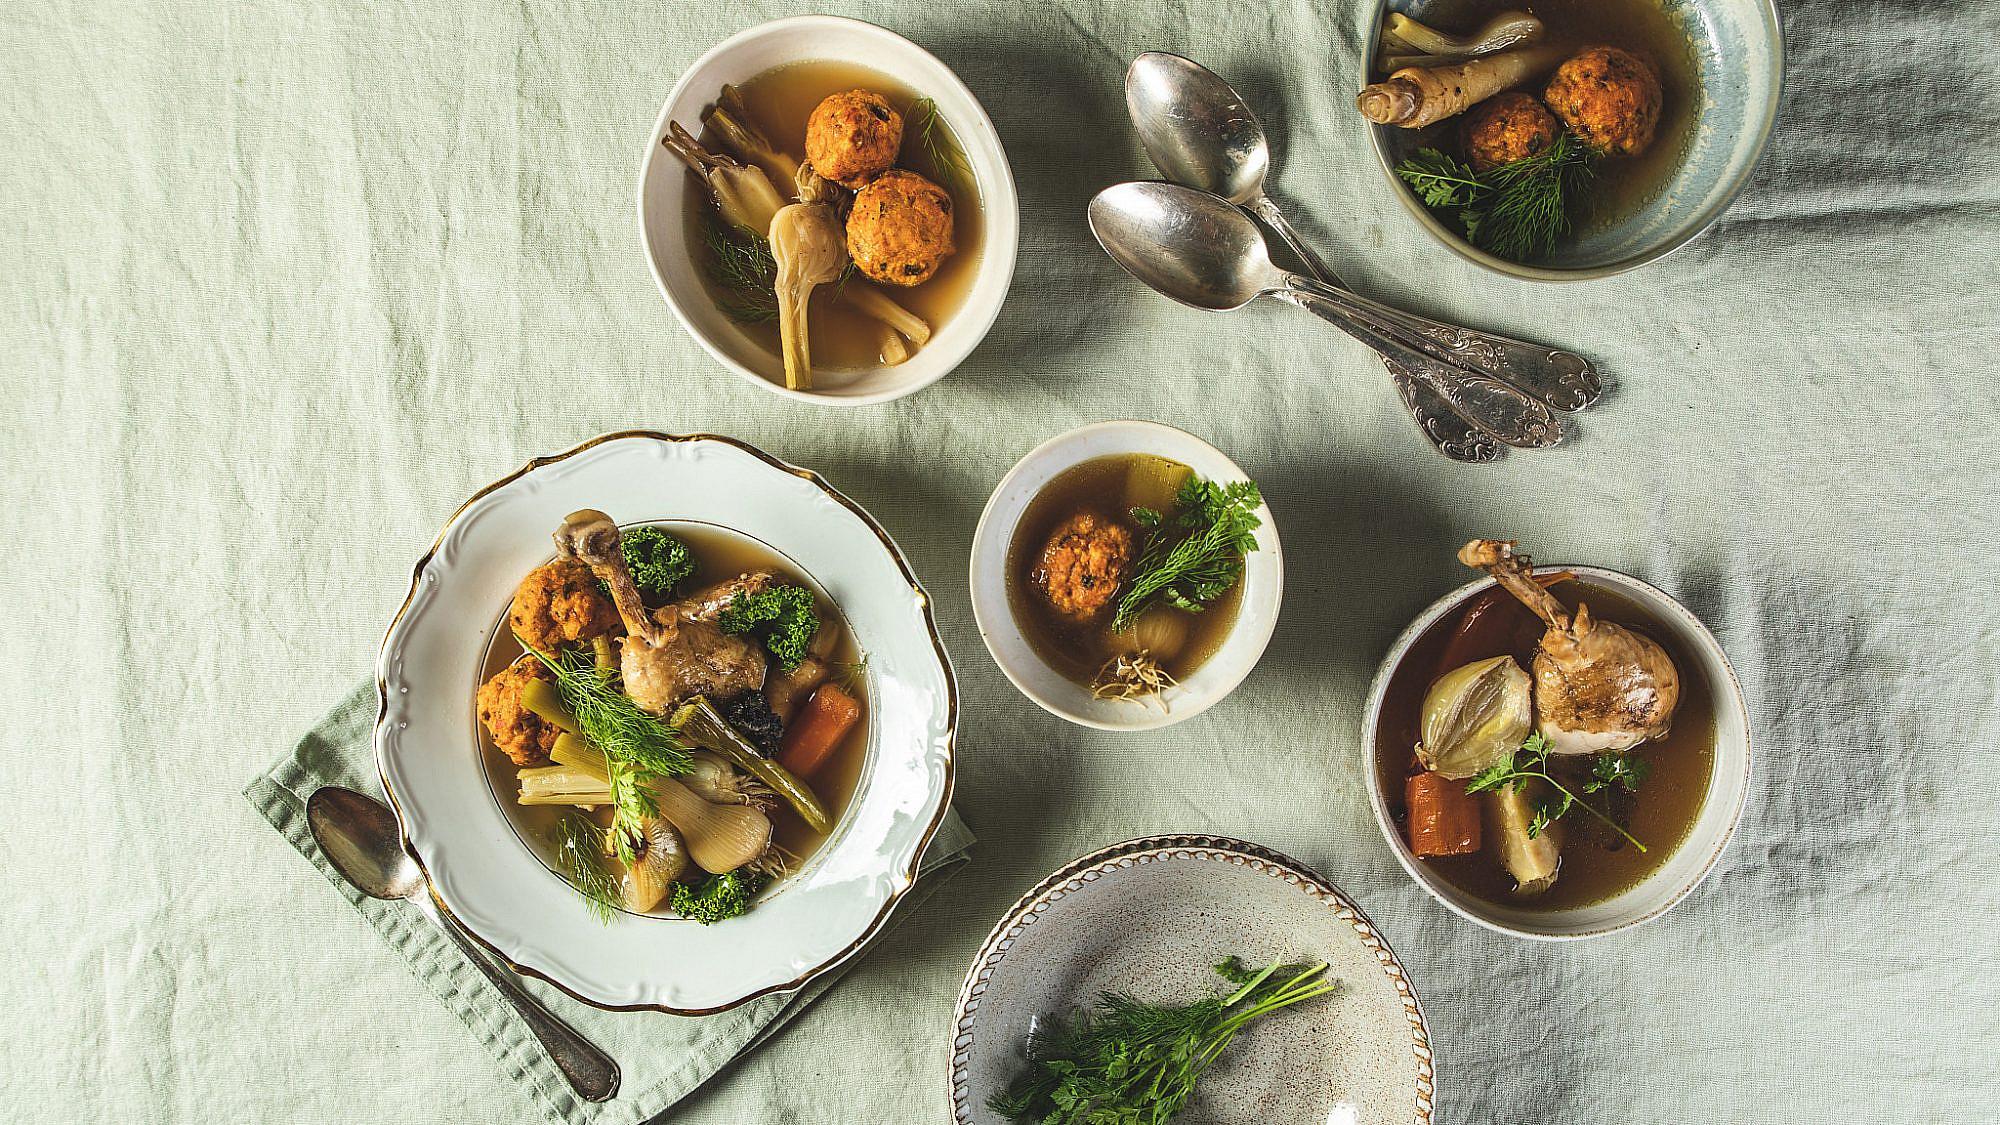 קונסומה עוף עם קניידלך מטוגנים של שף תומר אגאי. סטיילינג: עינב רייכנר, צלחות: עדי ניסני | צילום: שני בריל